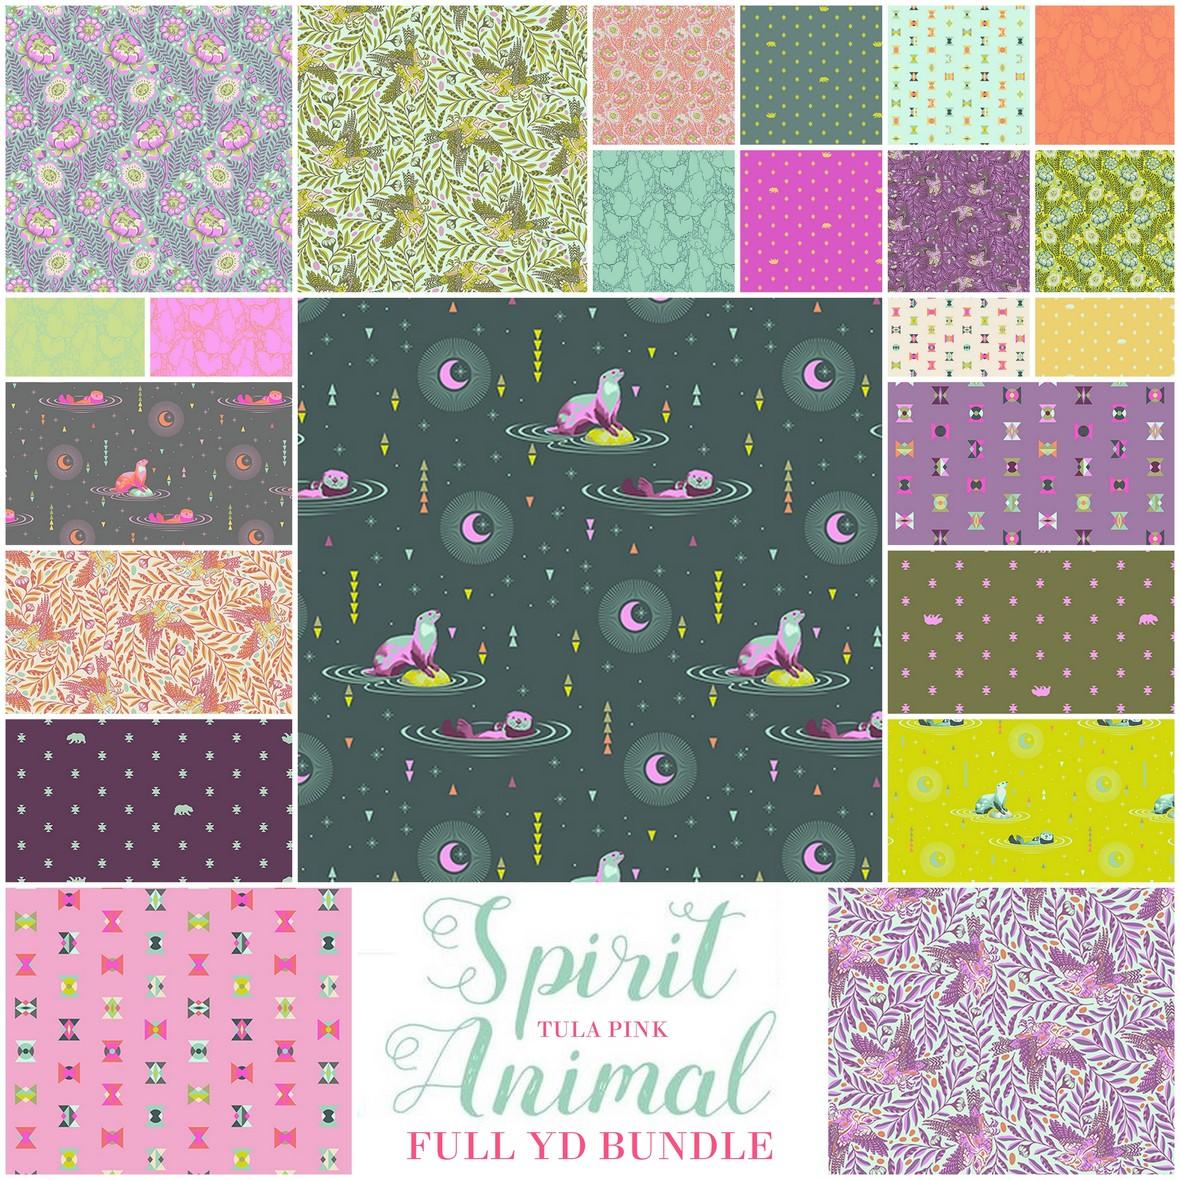 Tula Pink Spirit Animal - Copy  3